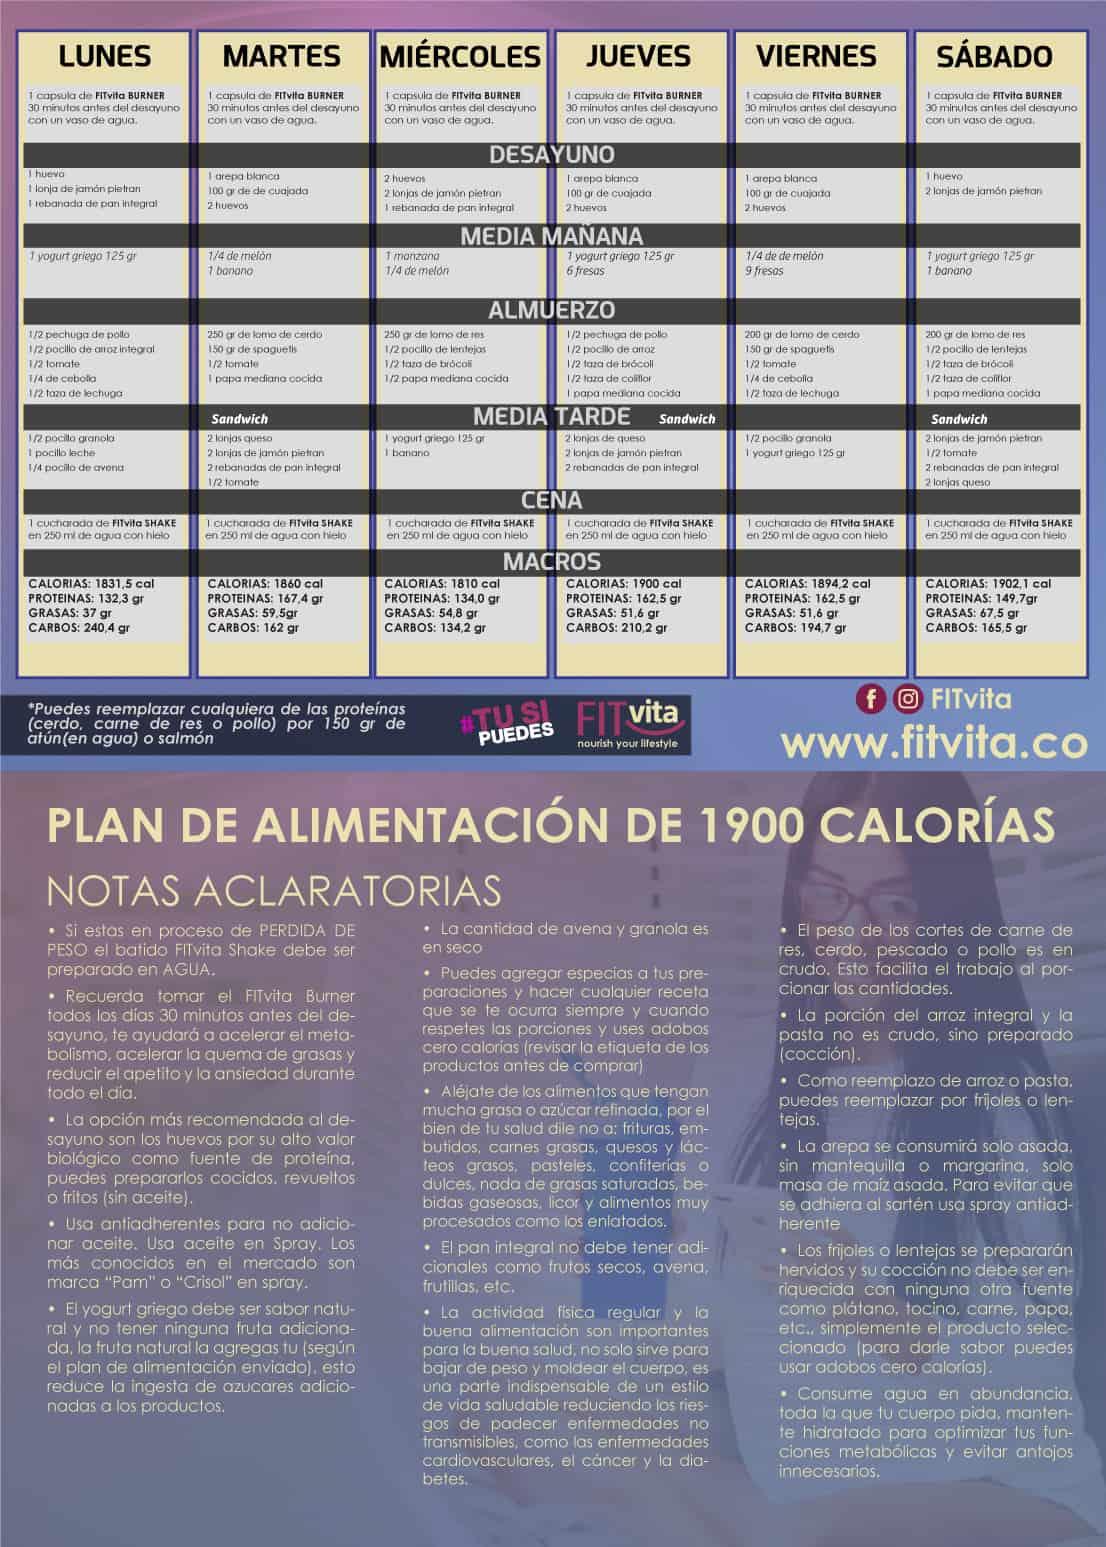 plan de alimentación de 1900 calorías - FITvita